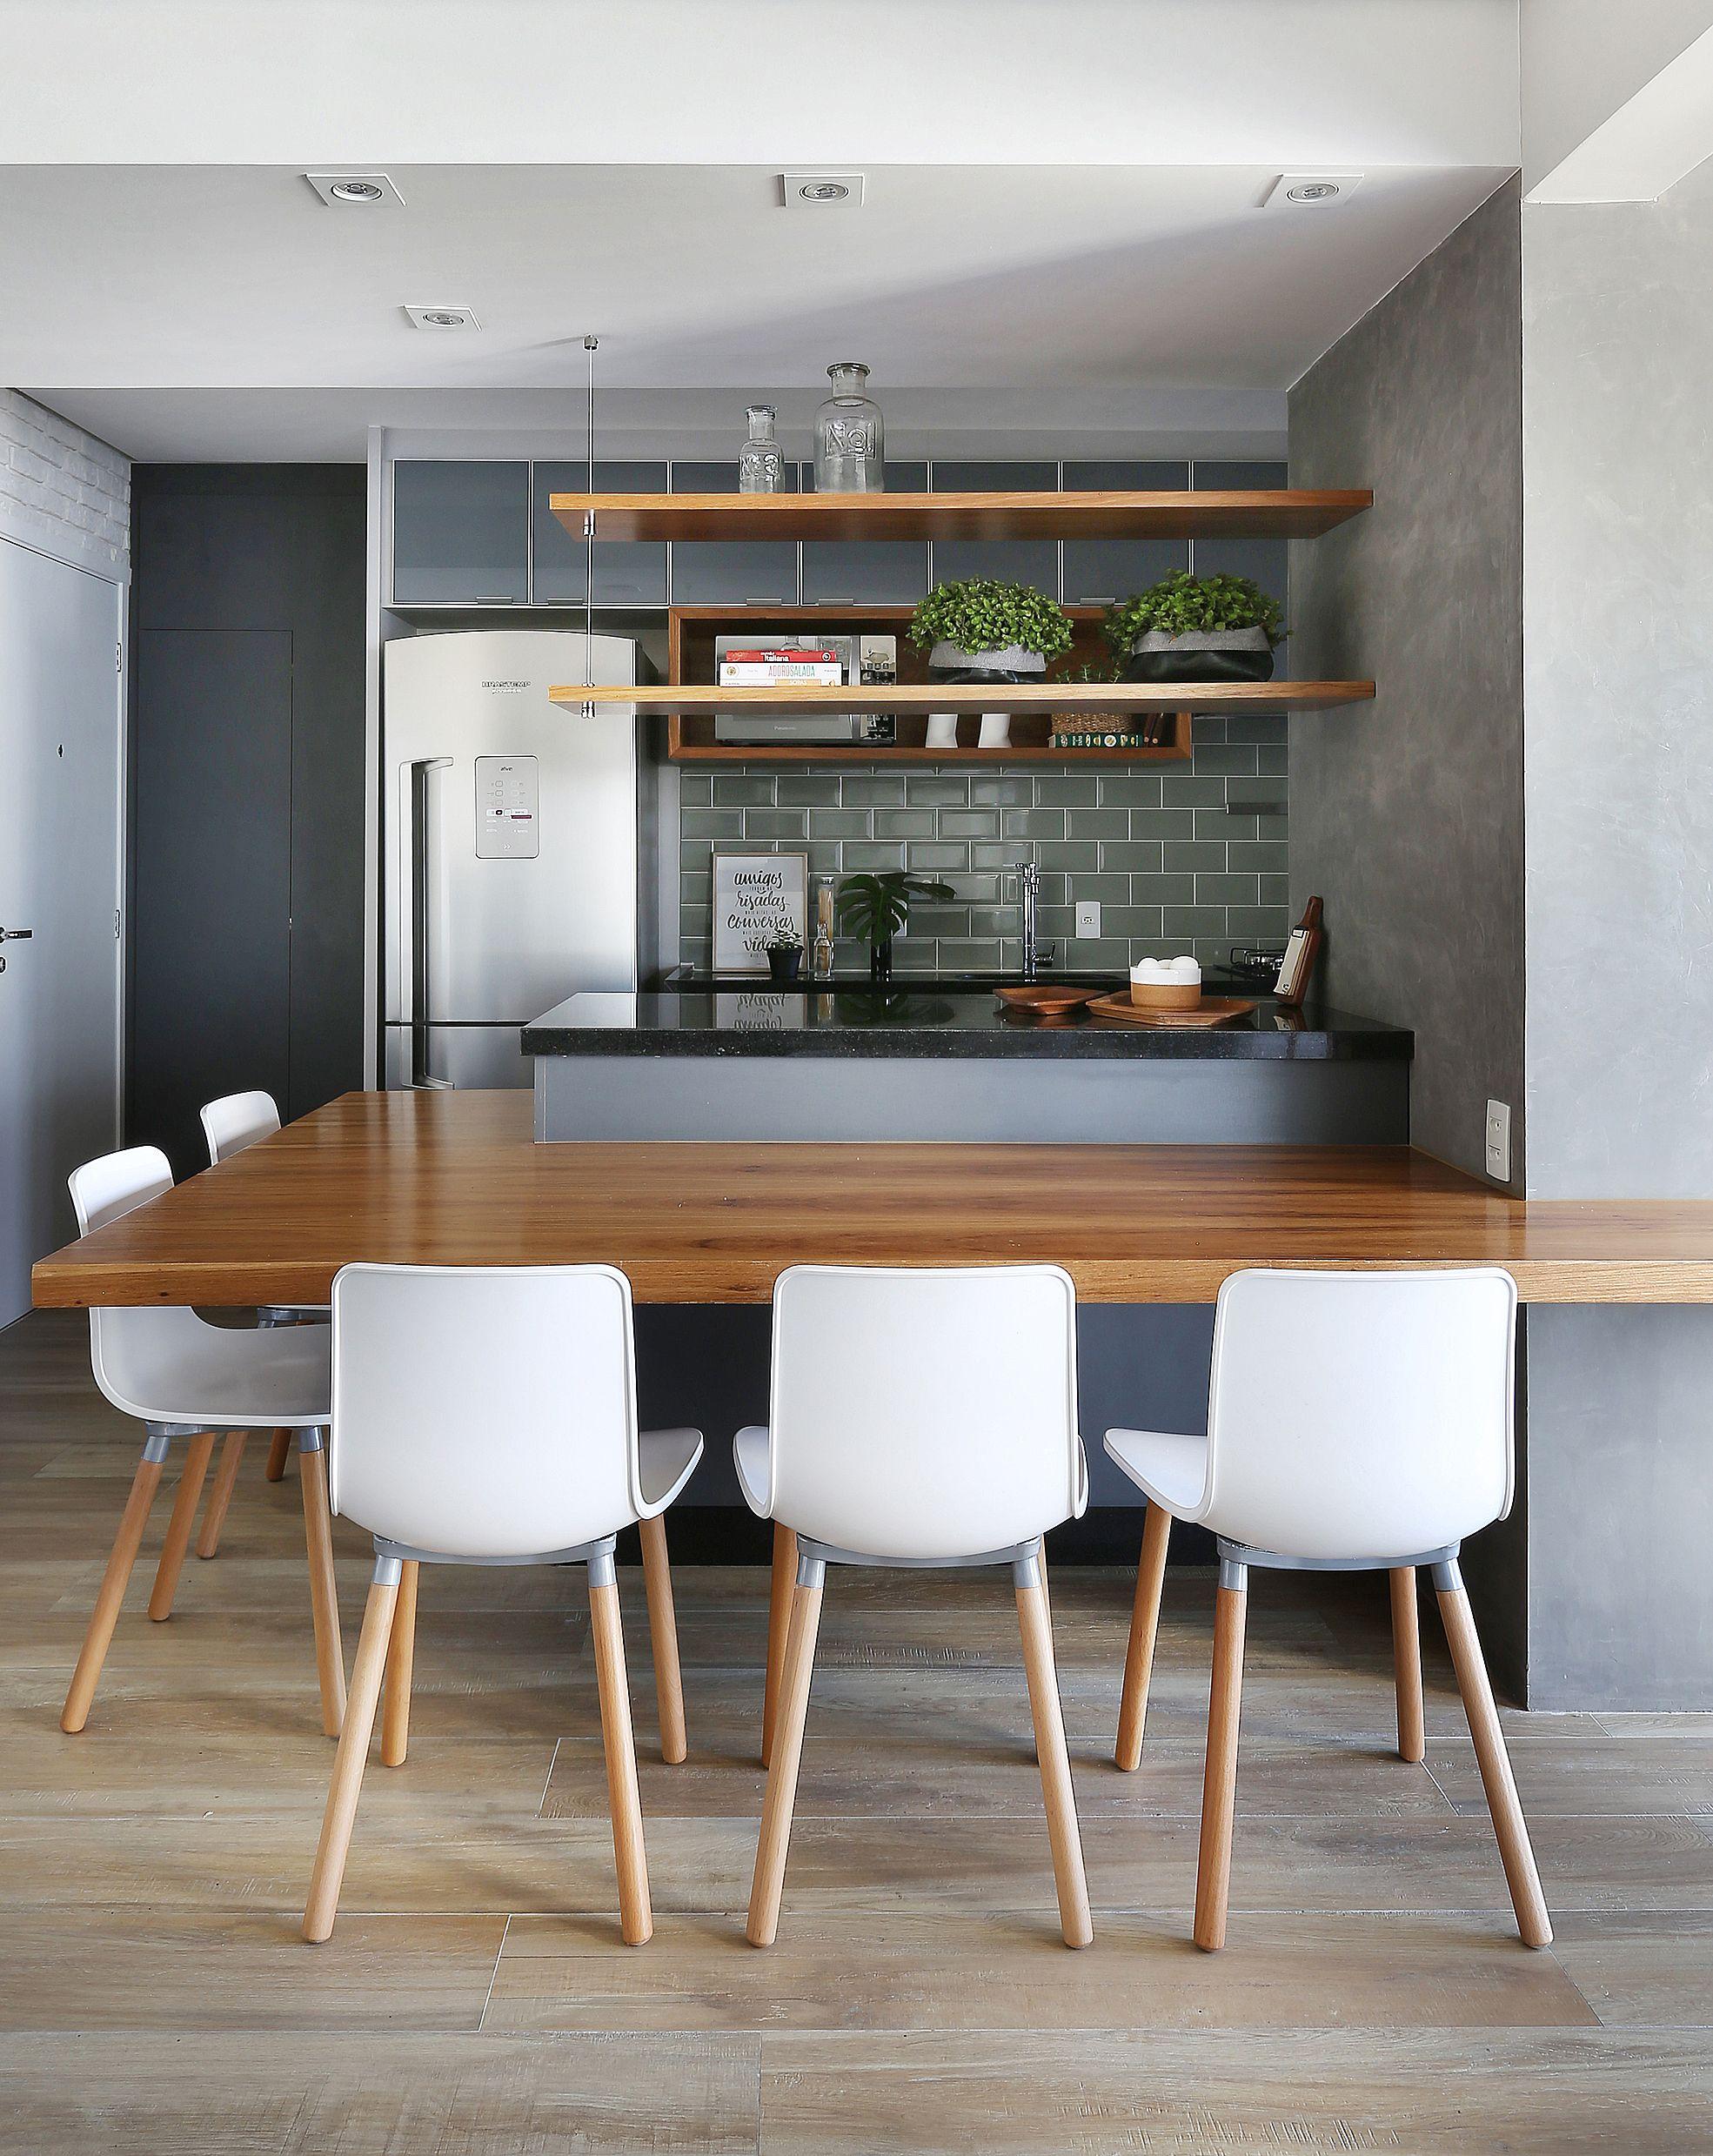 Sala De Jantar Com Cozinha Integrada Atraves Da Mesa De Madeira